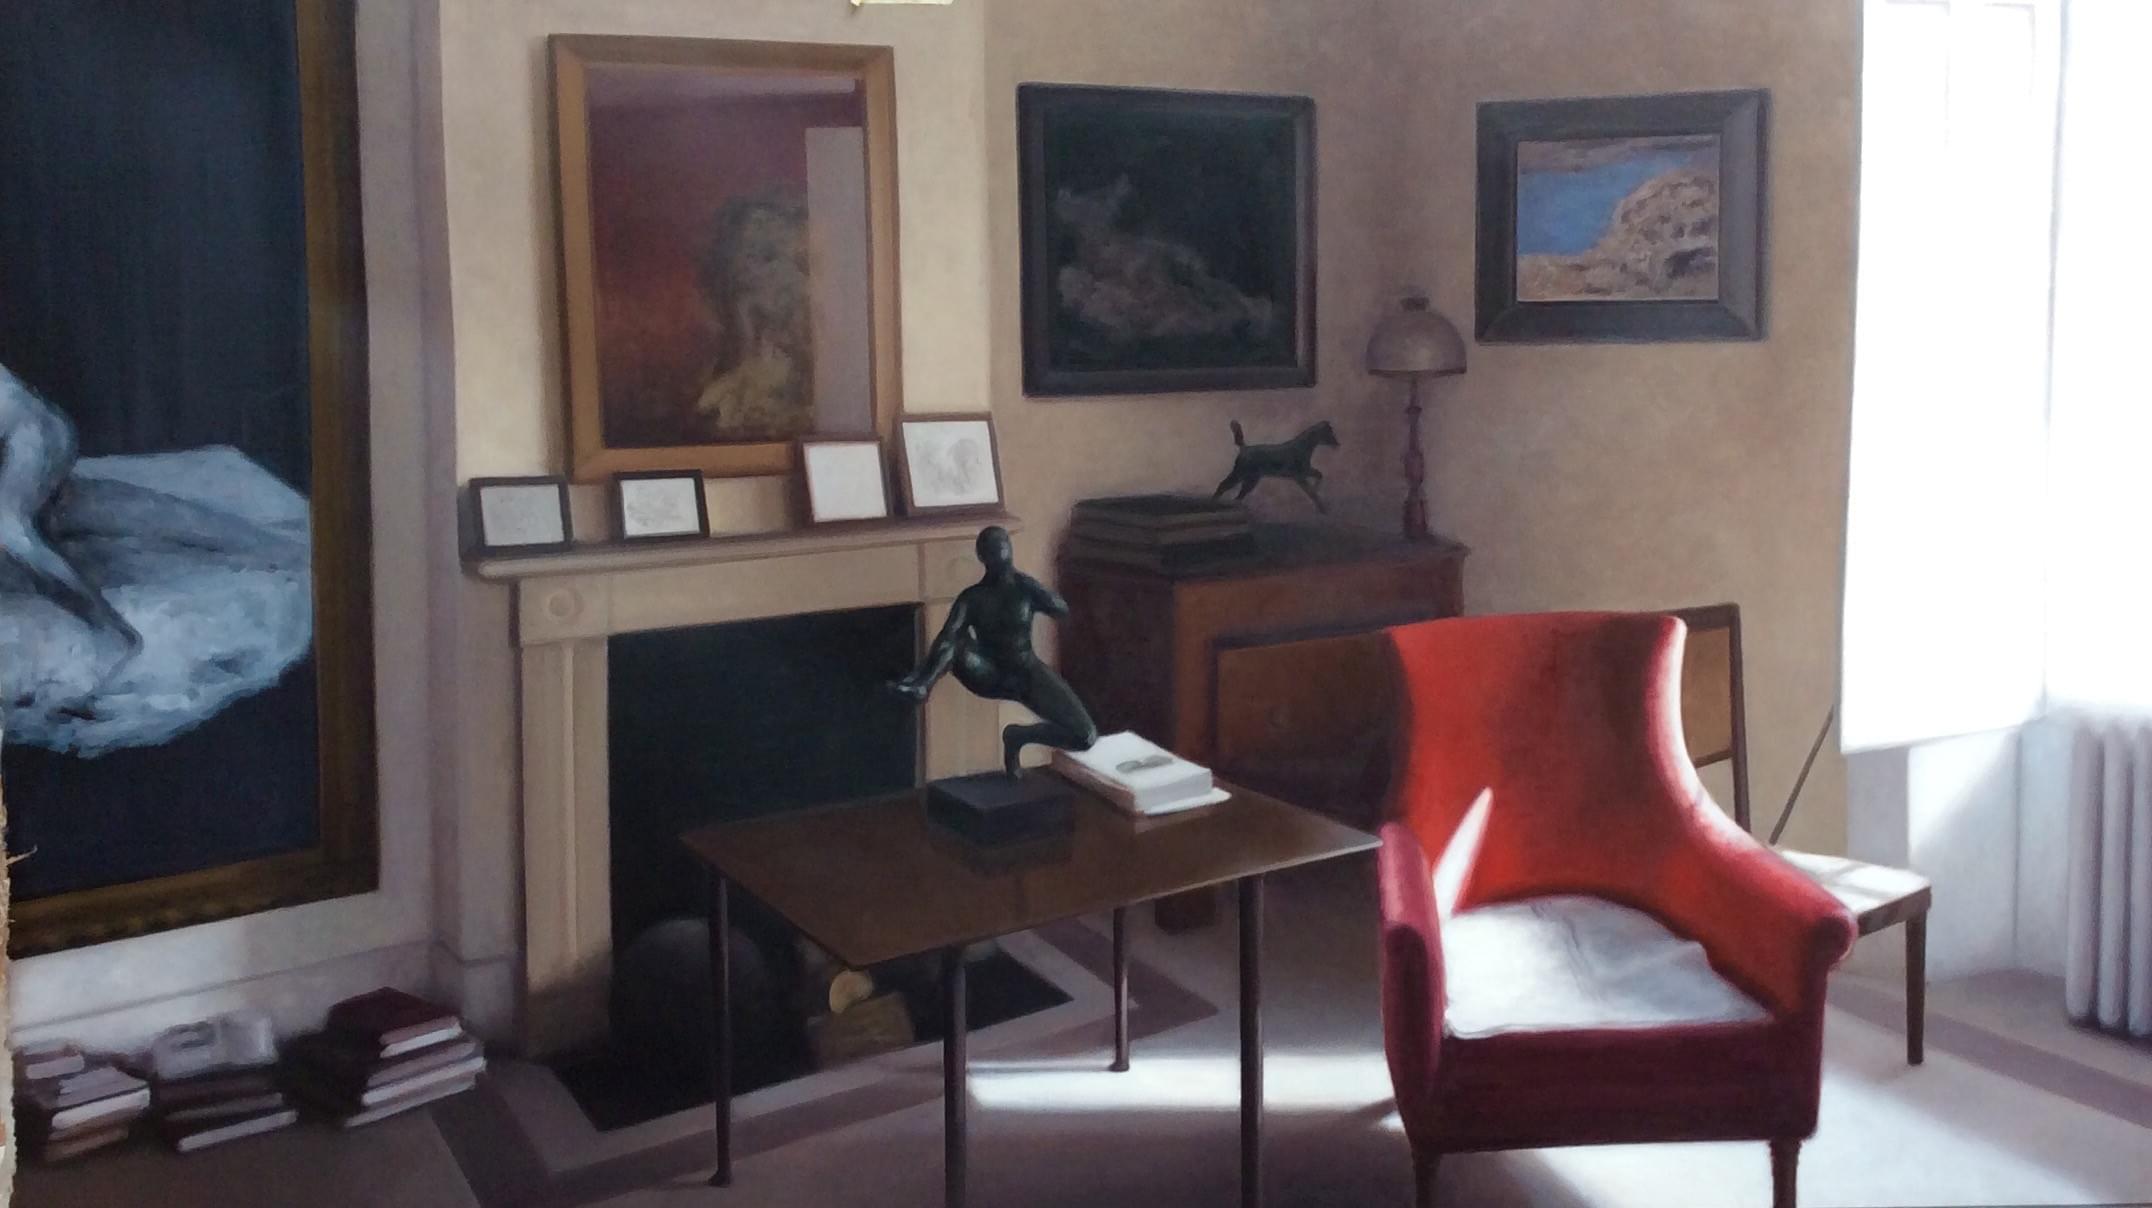 SC462.Dormitorio de Lucian en Kensington III Óleo sobre pape 140 x 246 cm 2016